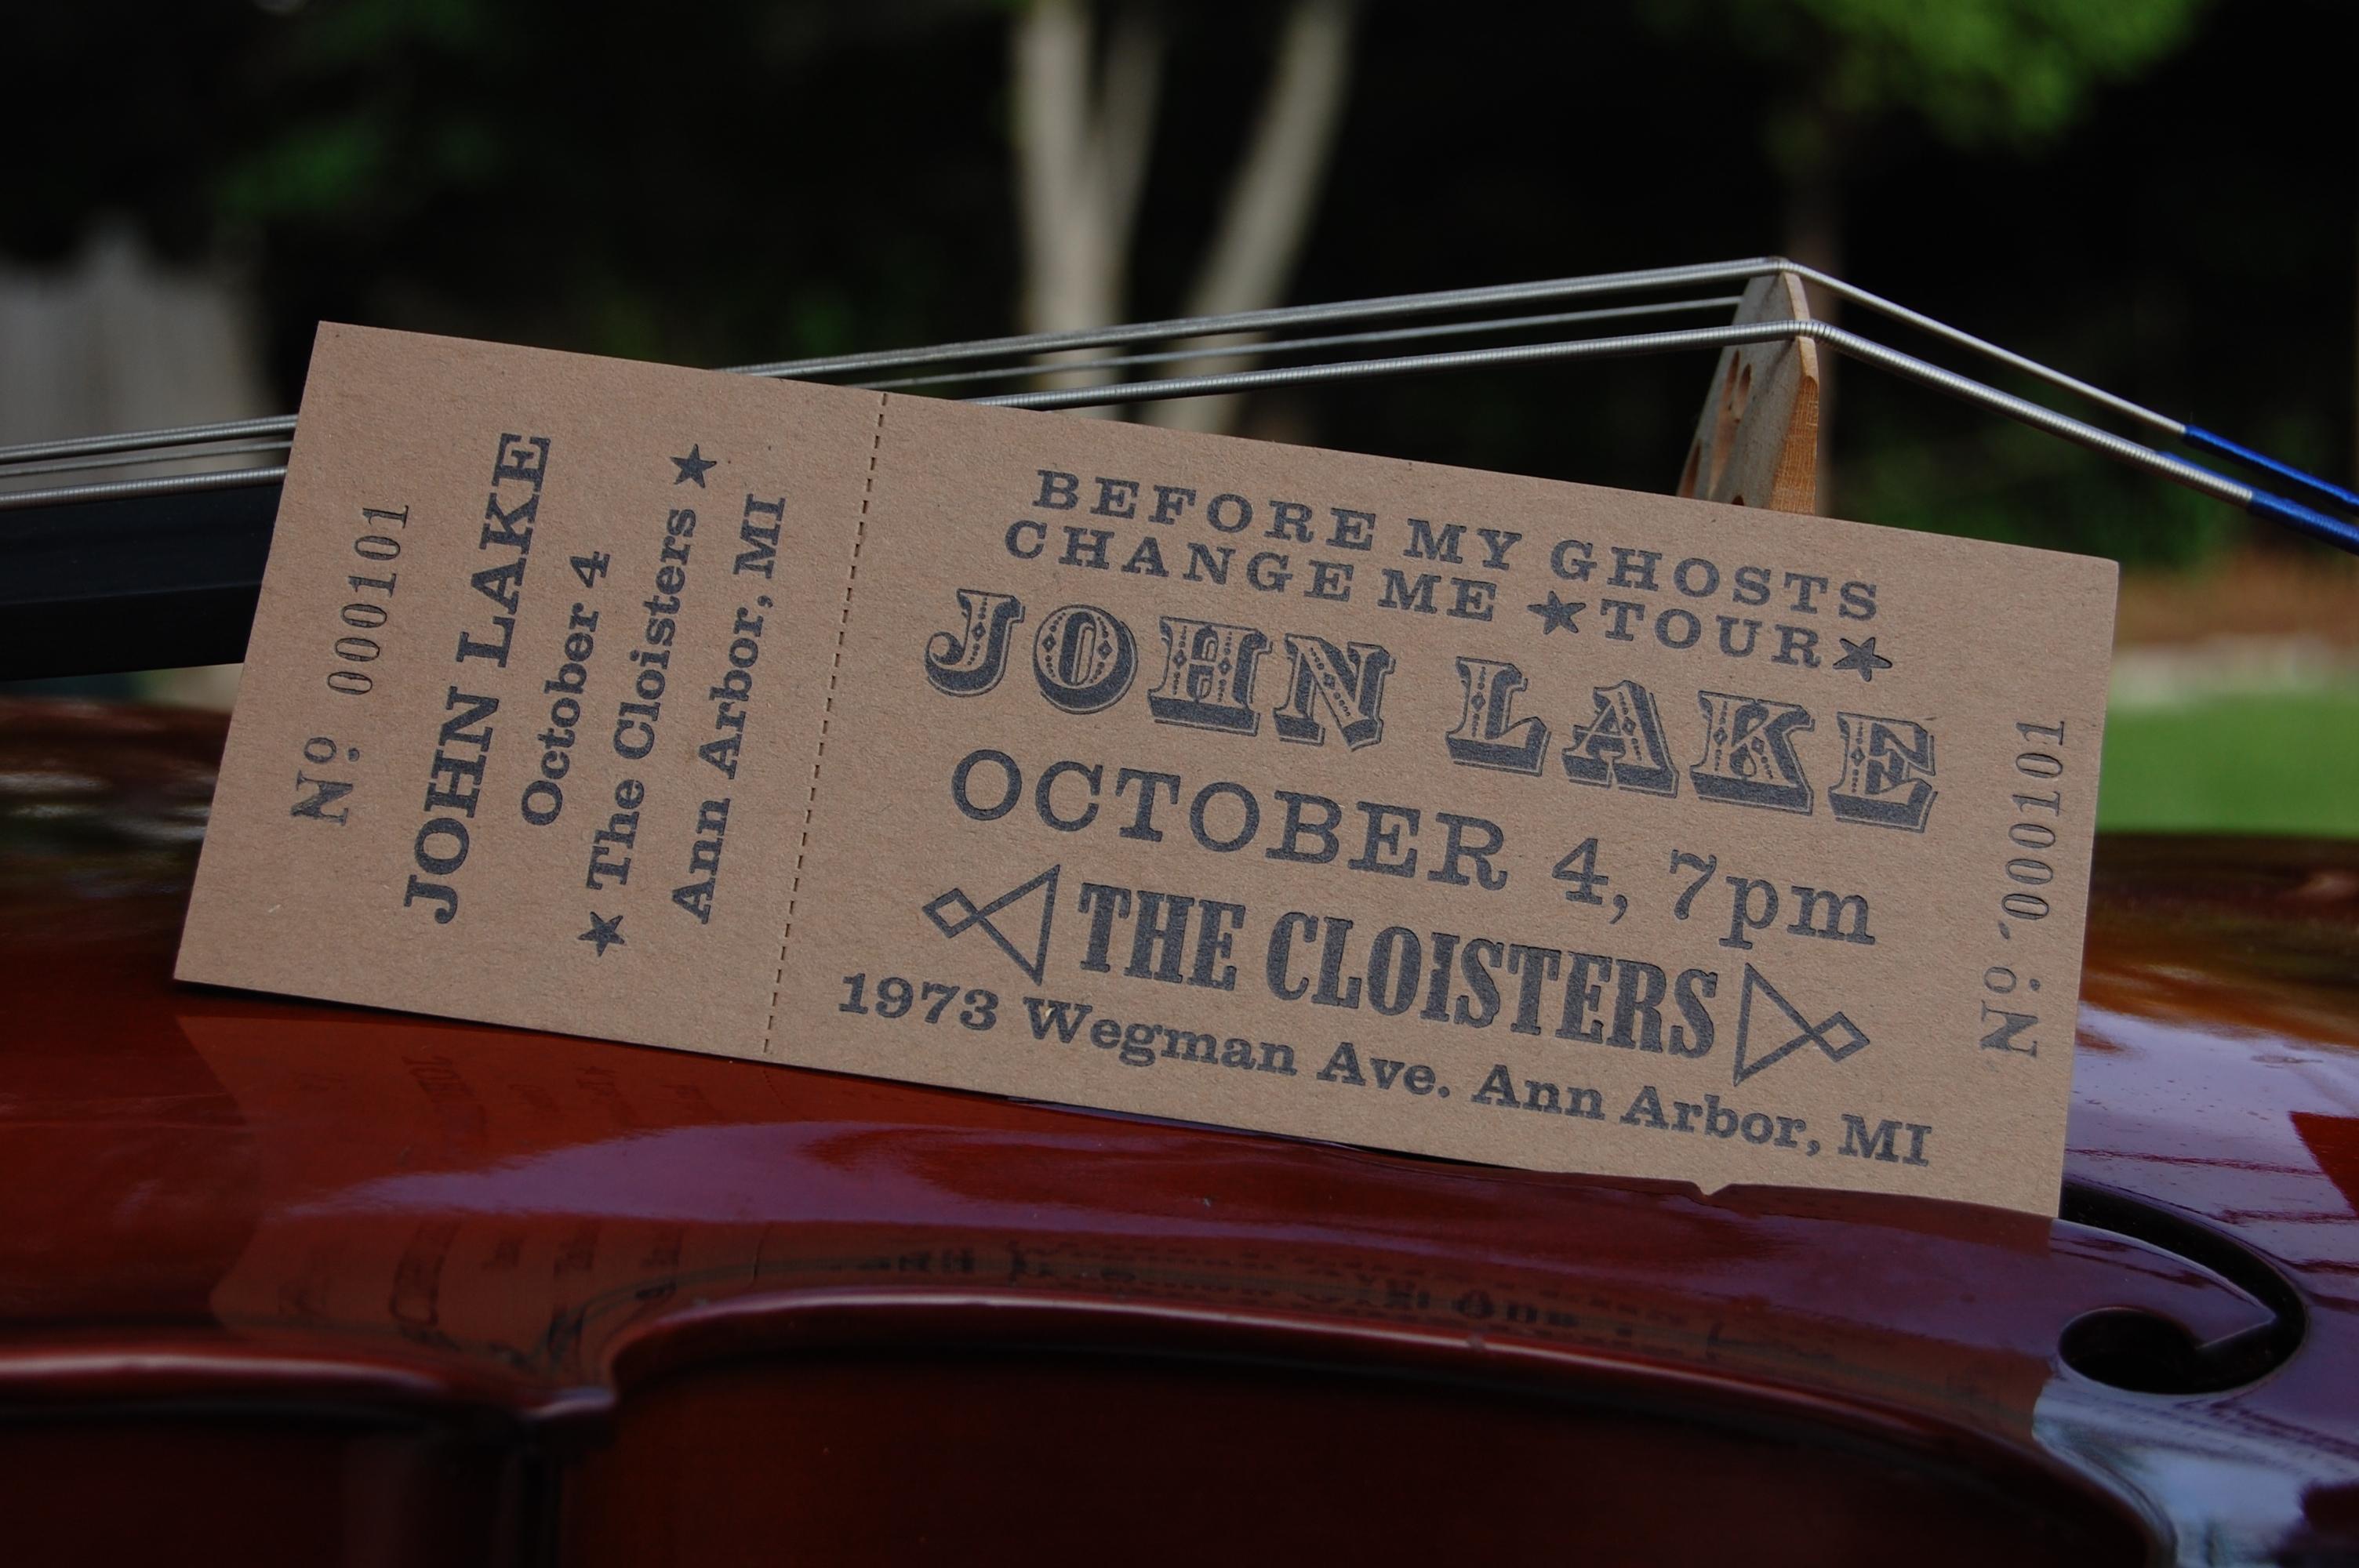 John Lake concert ticket